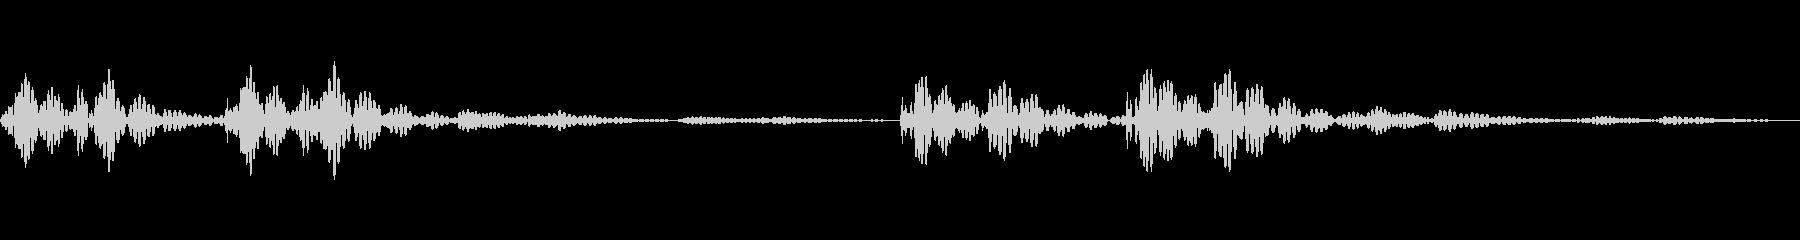 緊張している時の心臓の音の未再生の波形